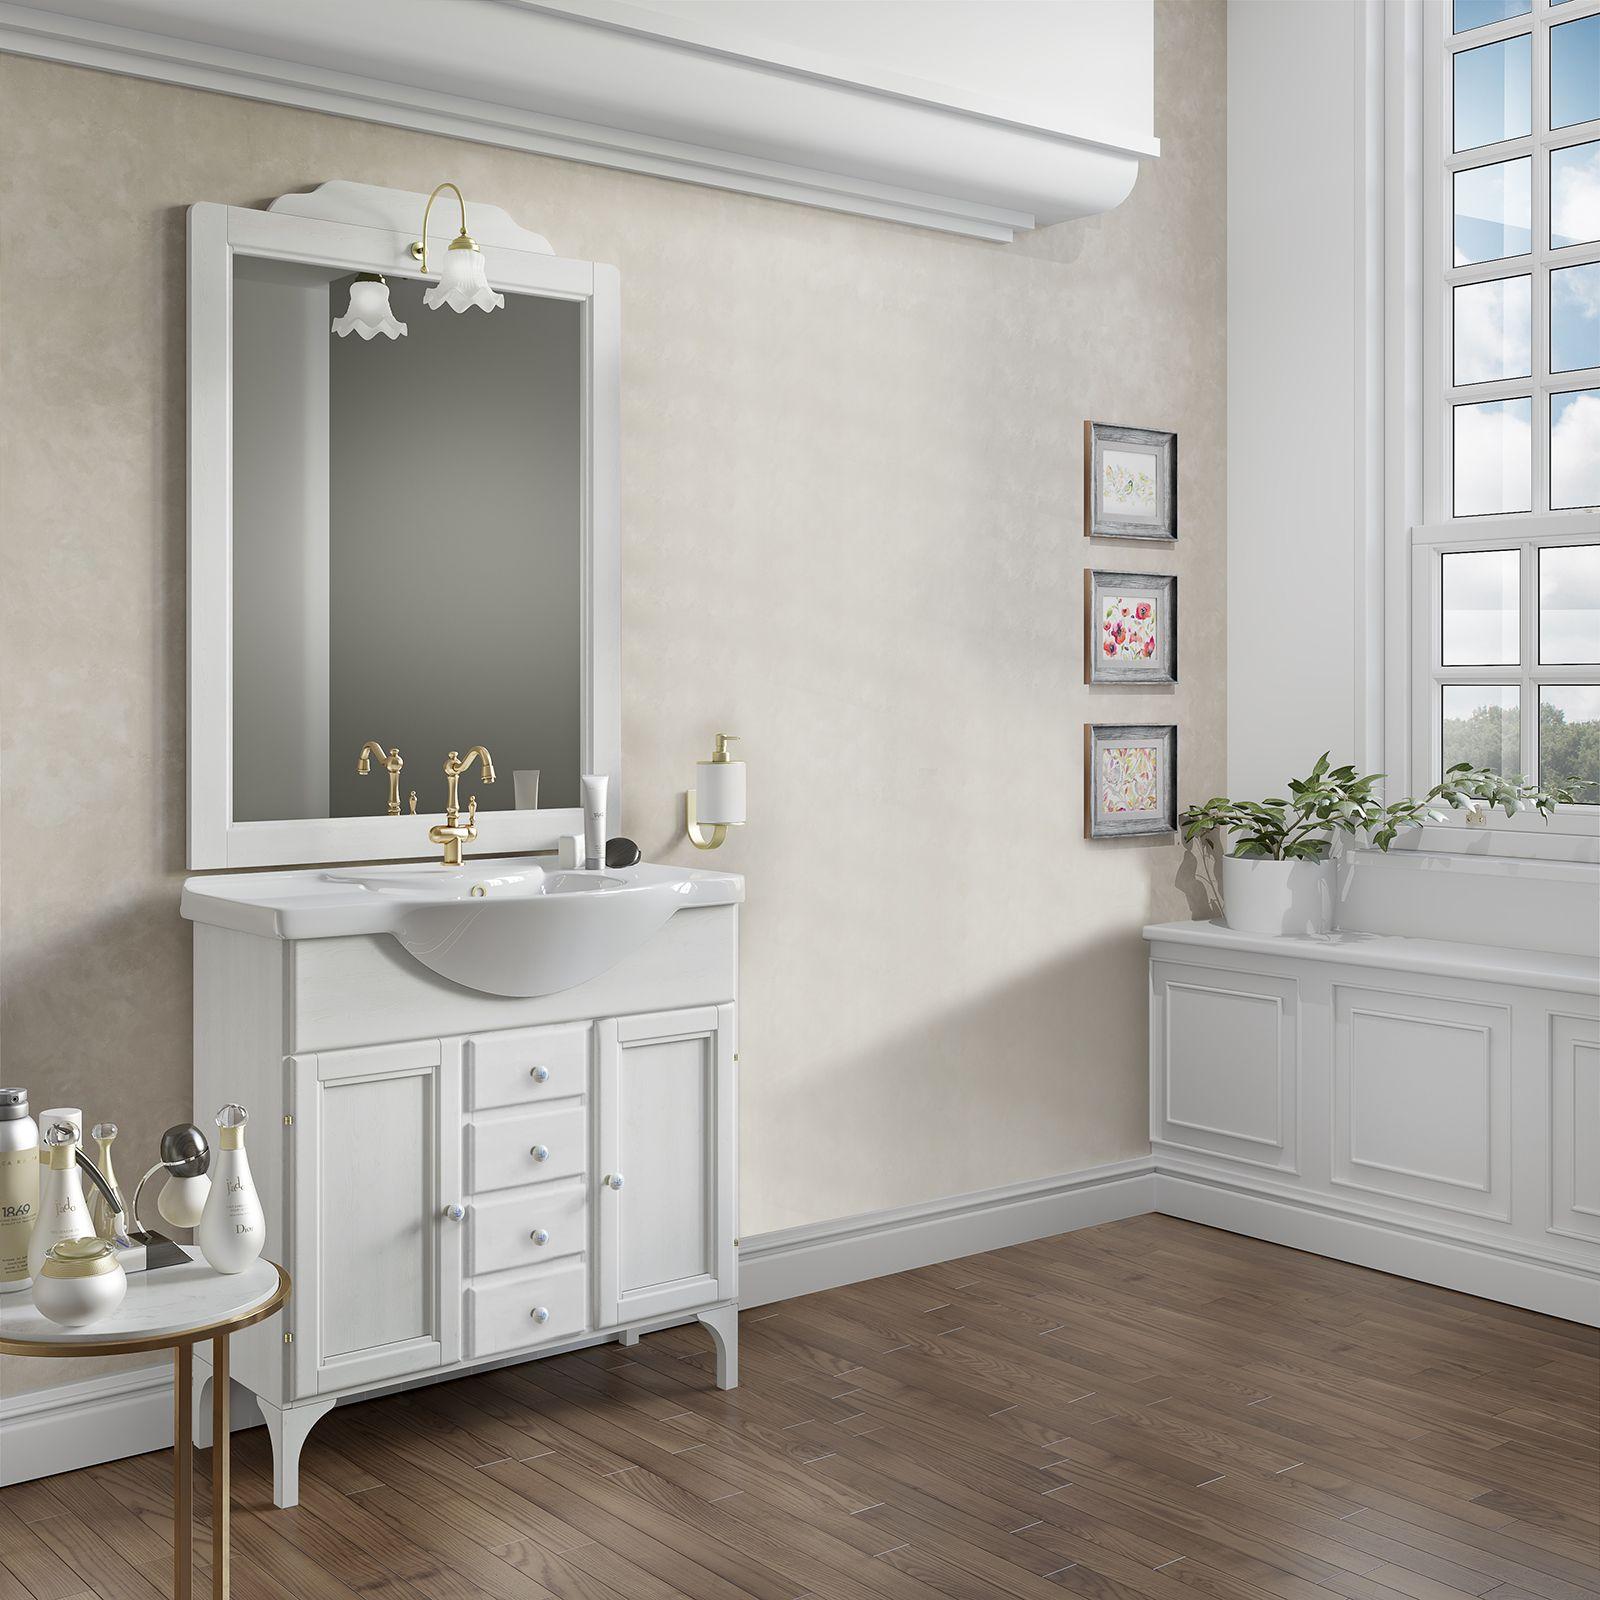 Mobile Bagno 85cm Bianco Decape Lavabo In Ceramica E Specchiera